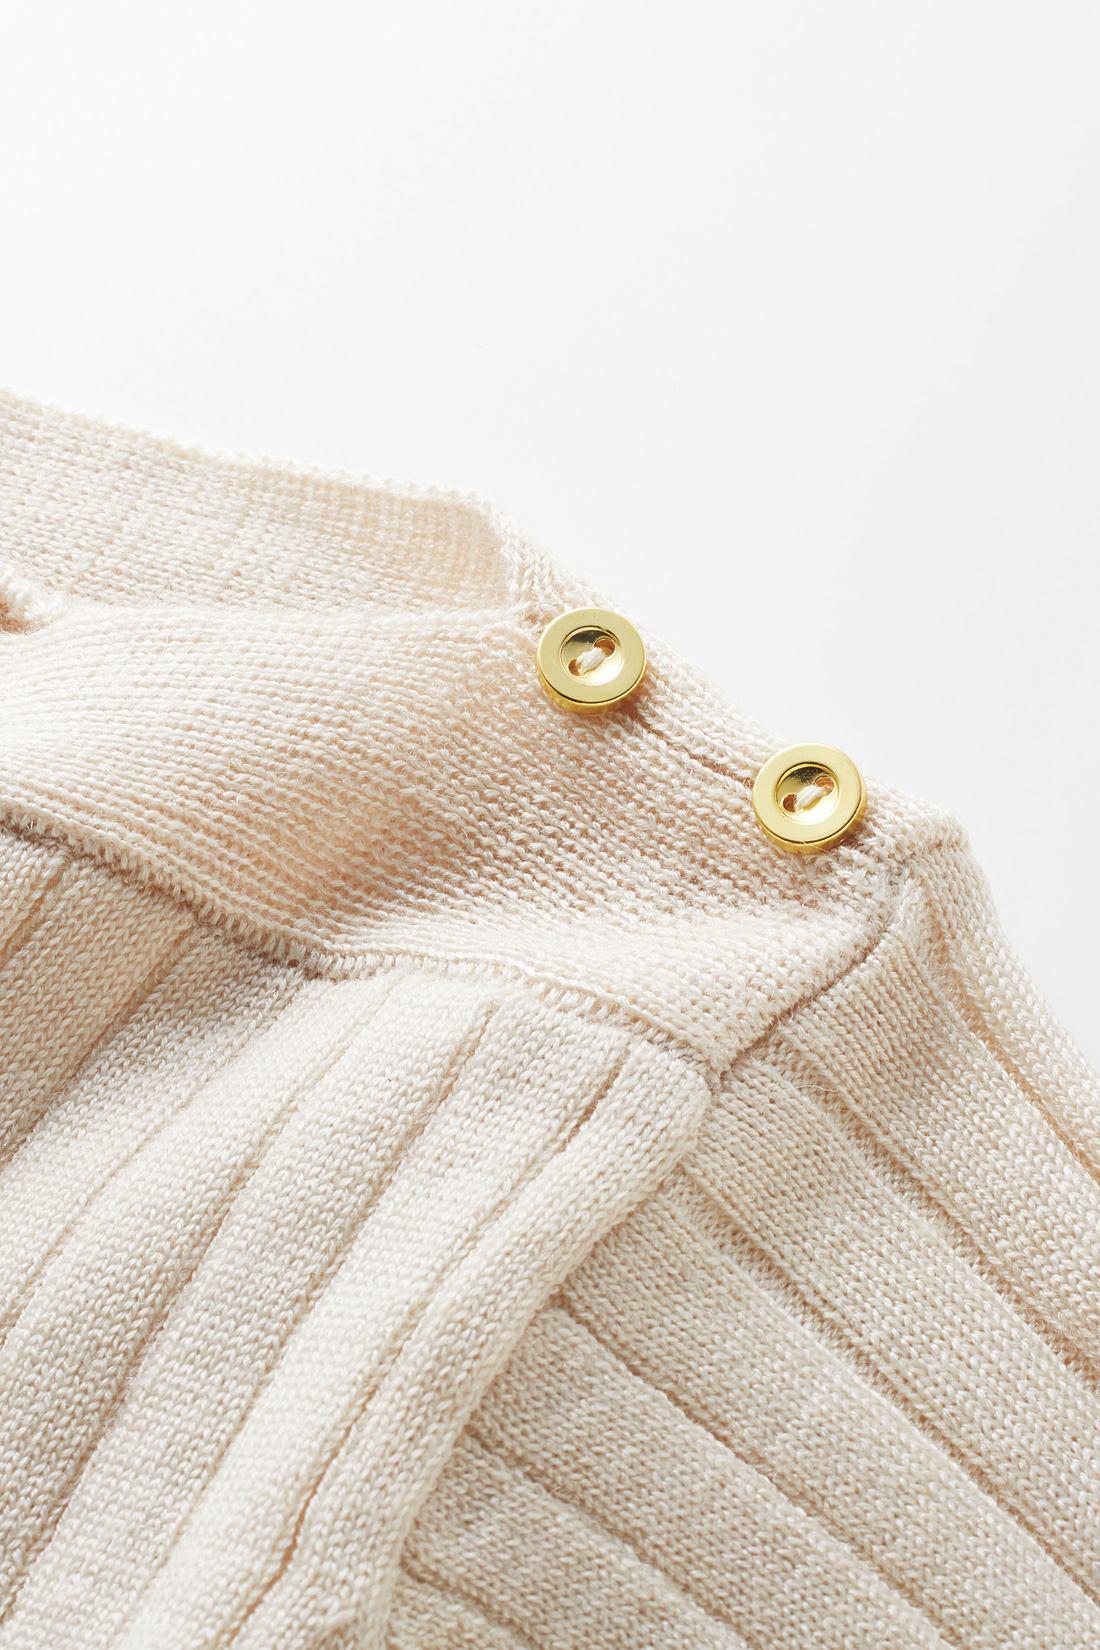 トレンドのボートネックに、金色のボタンがポイントに。